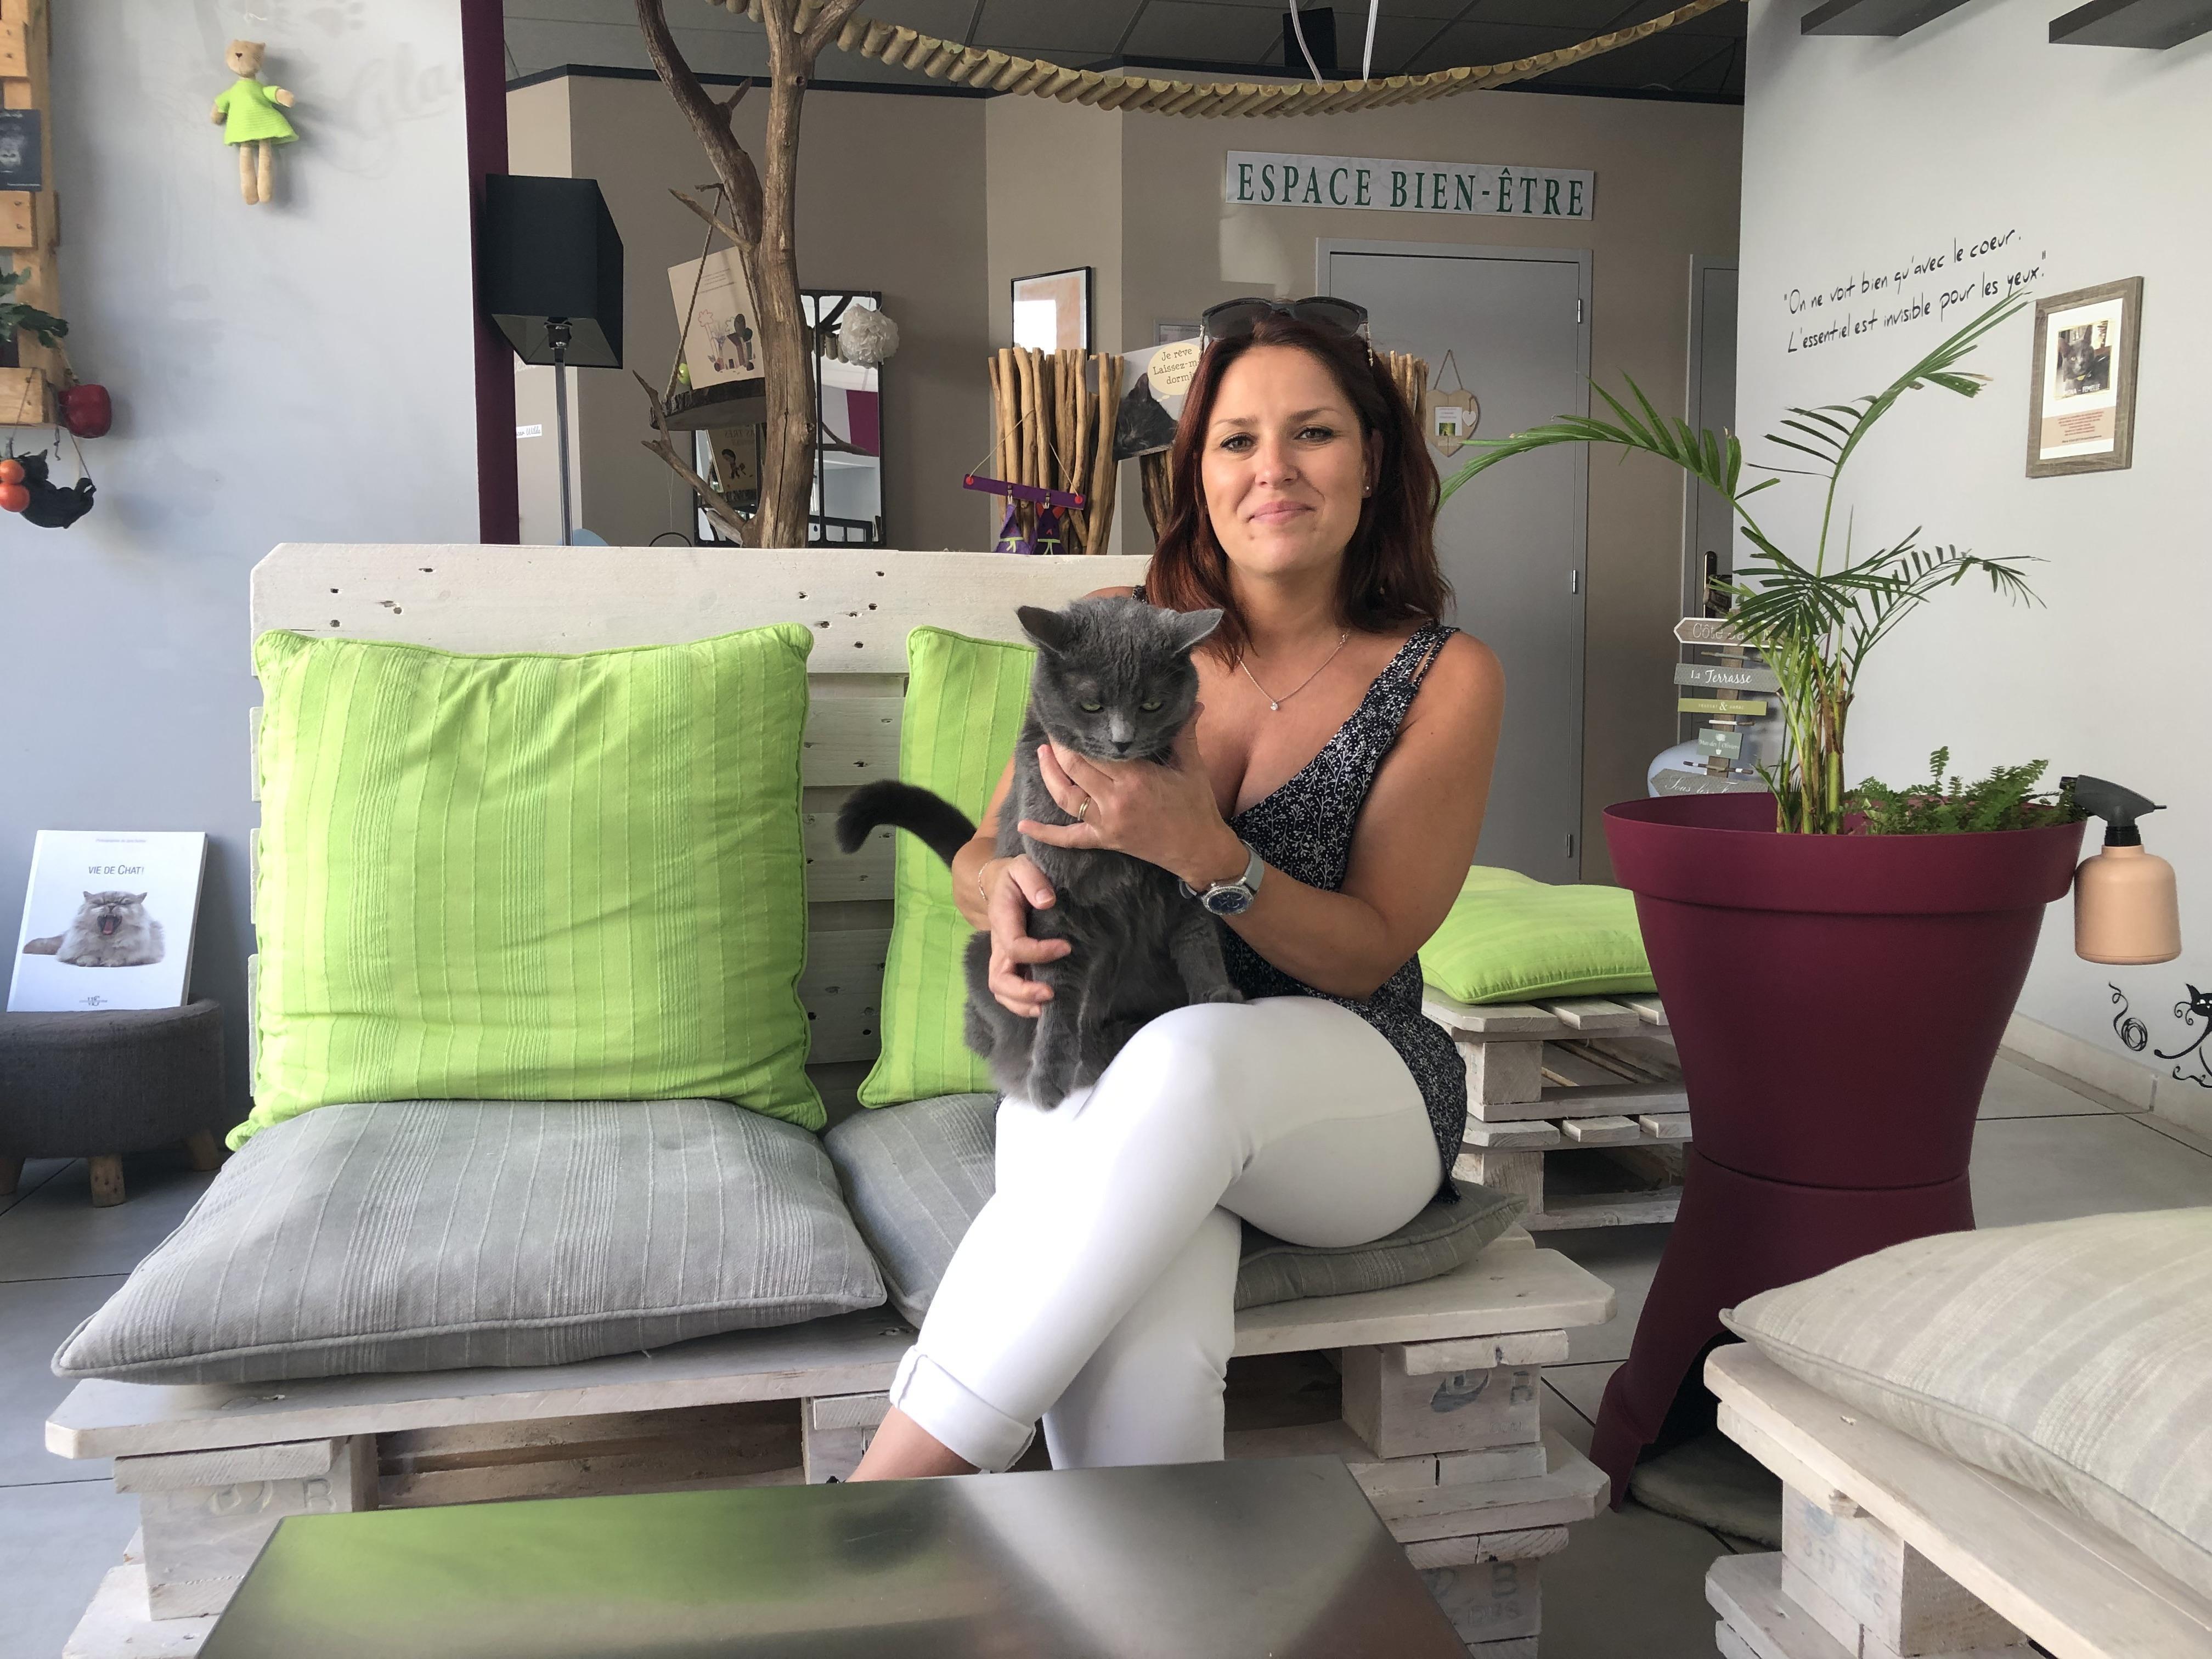 Amandine André, la propriétaire du bar à chats, et Mina, l'un des derniers chats arrivés.